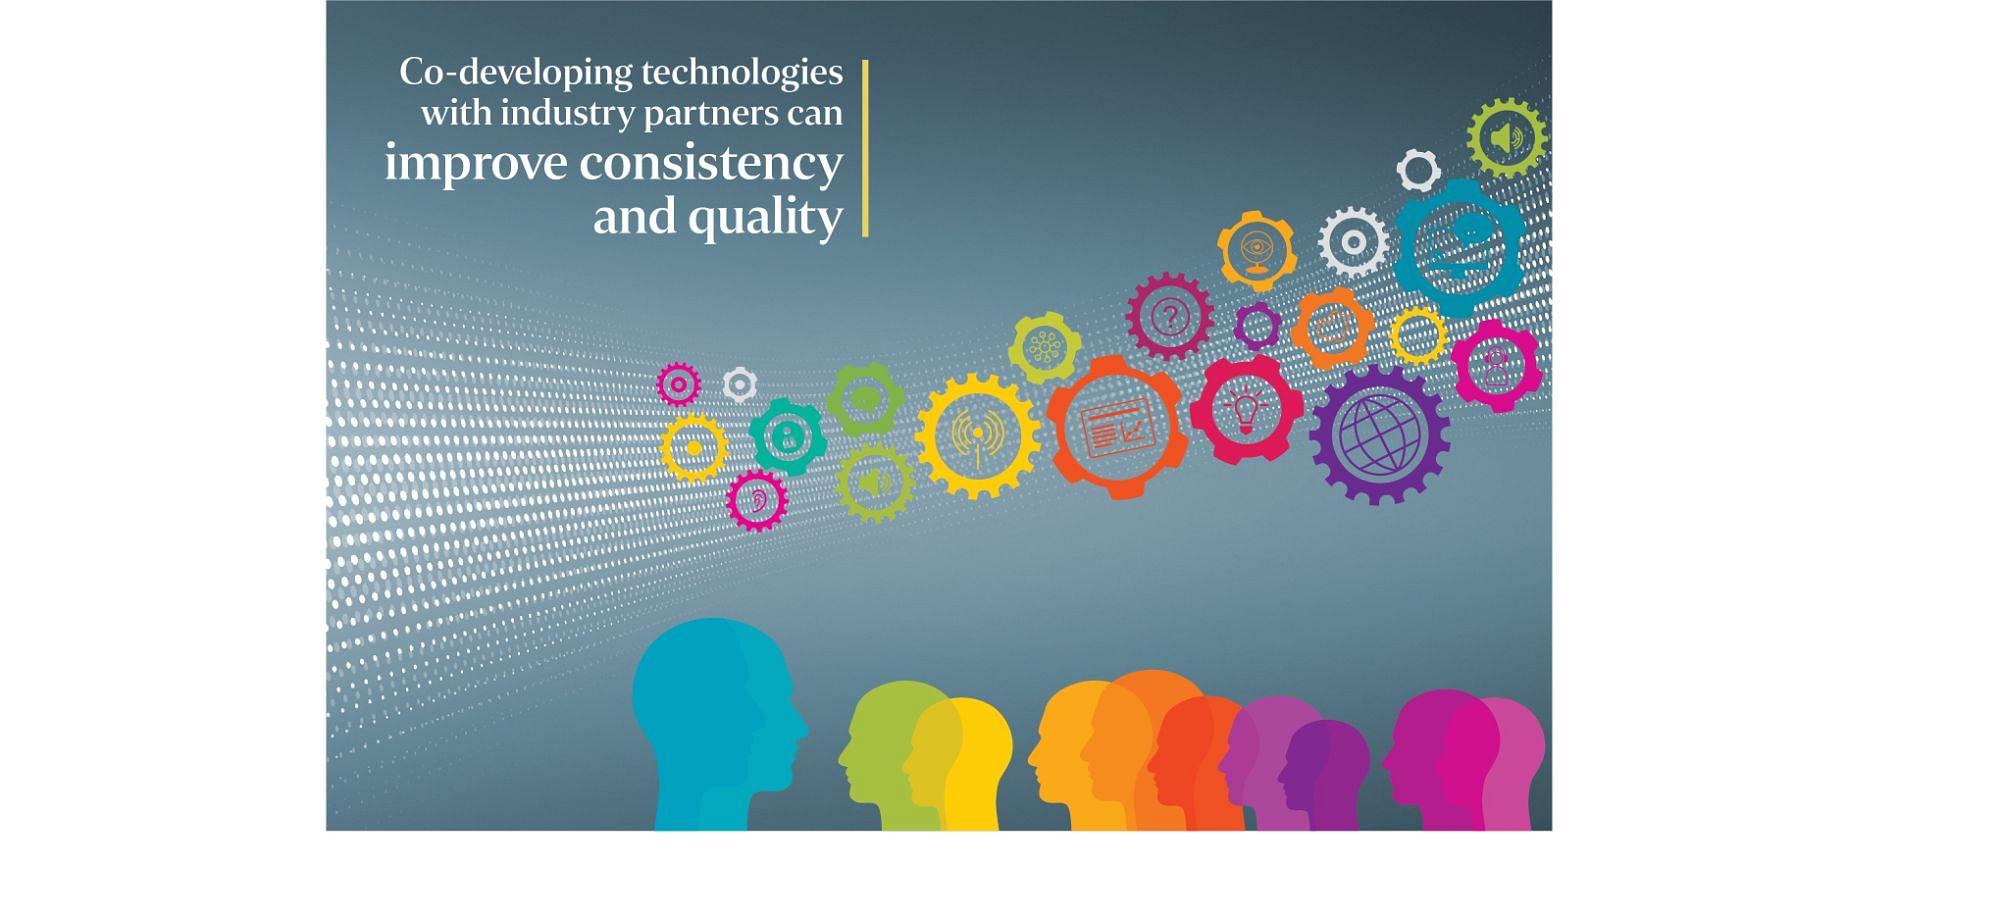 GovTech, Smart Nation, infocomms technology